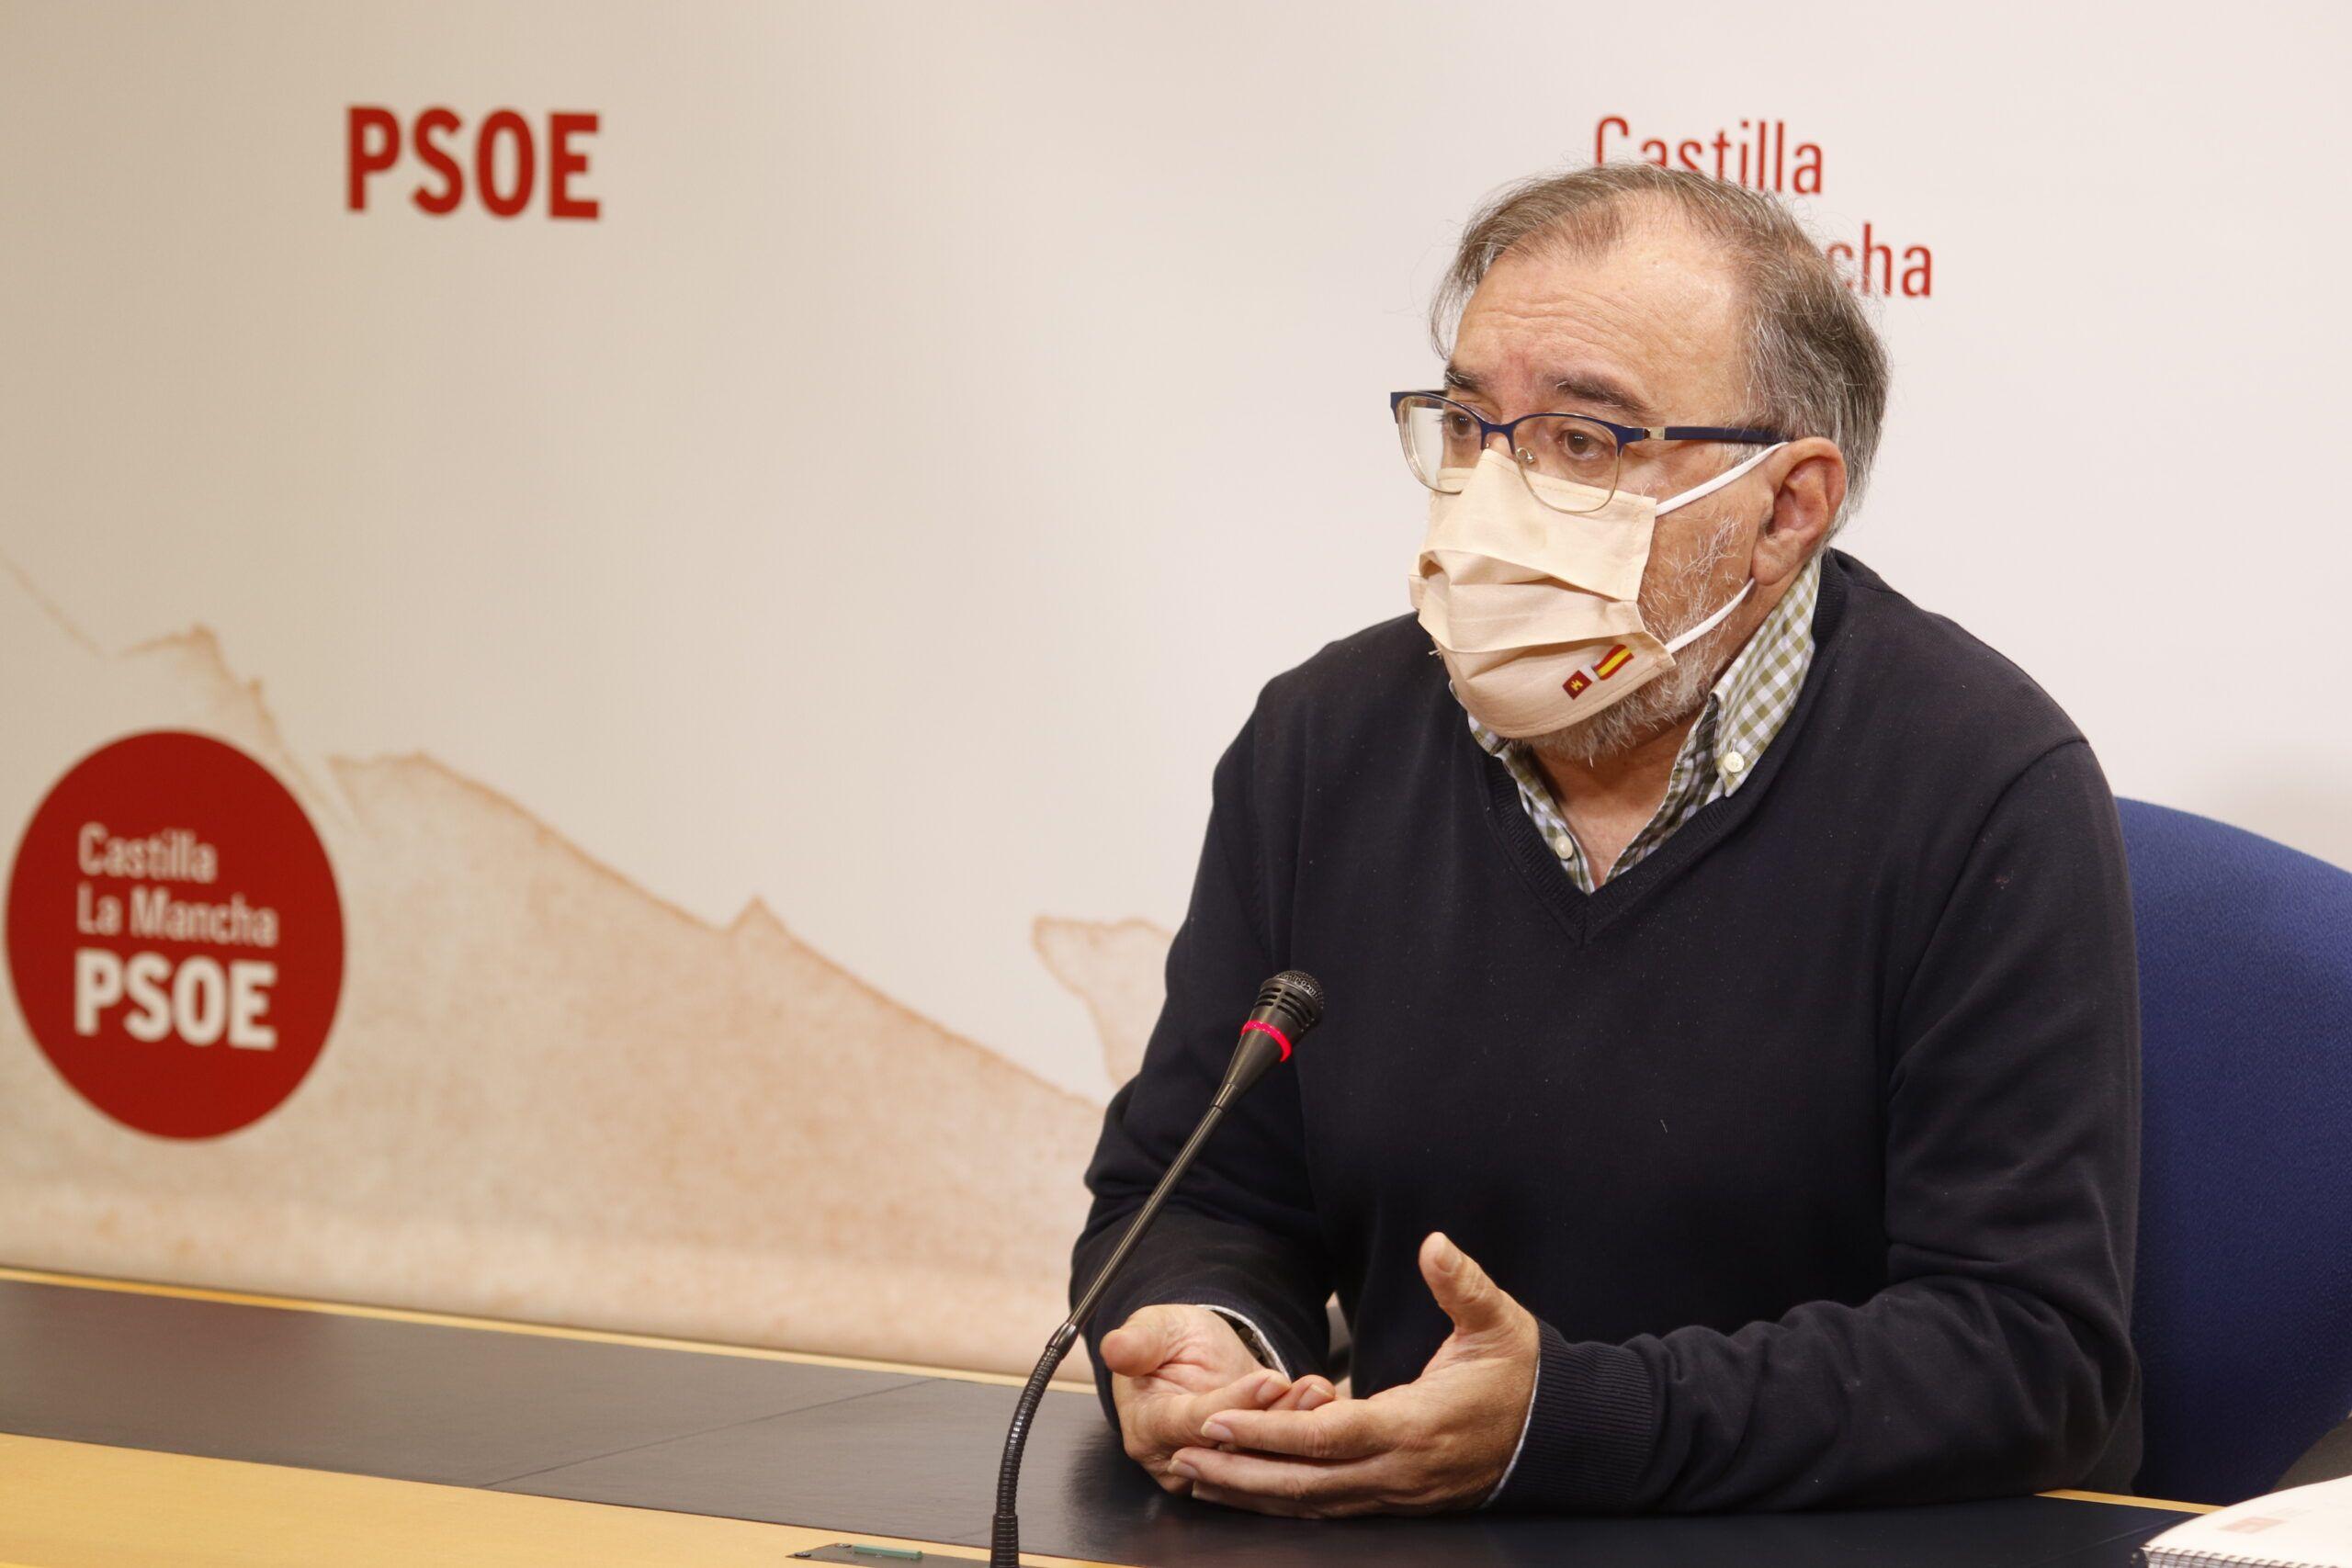 El PSOE plantea la posibilidad de congelar salarios y reducir las subvenciones a los grupos parlamentarios para dar ejemplo